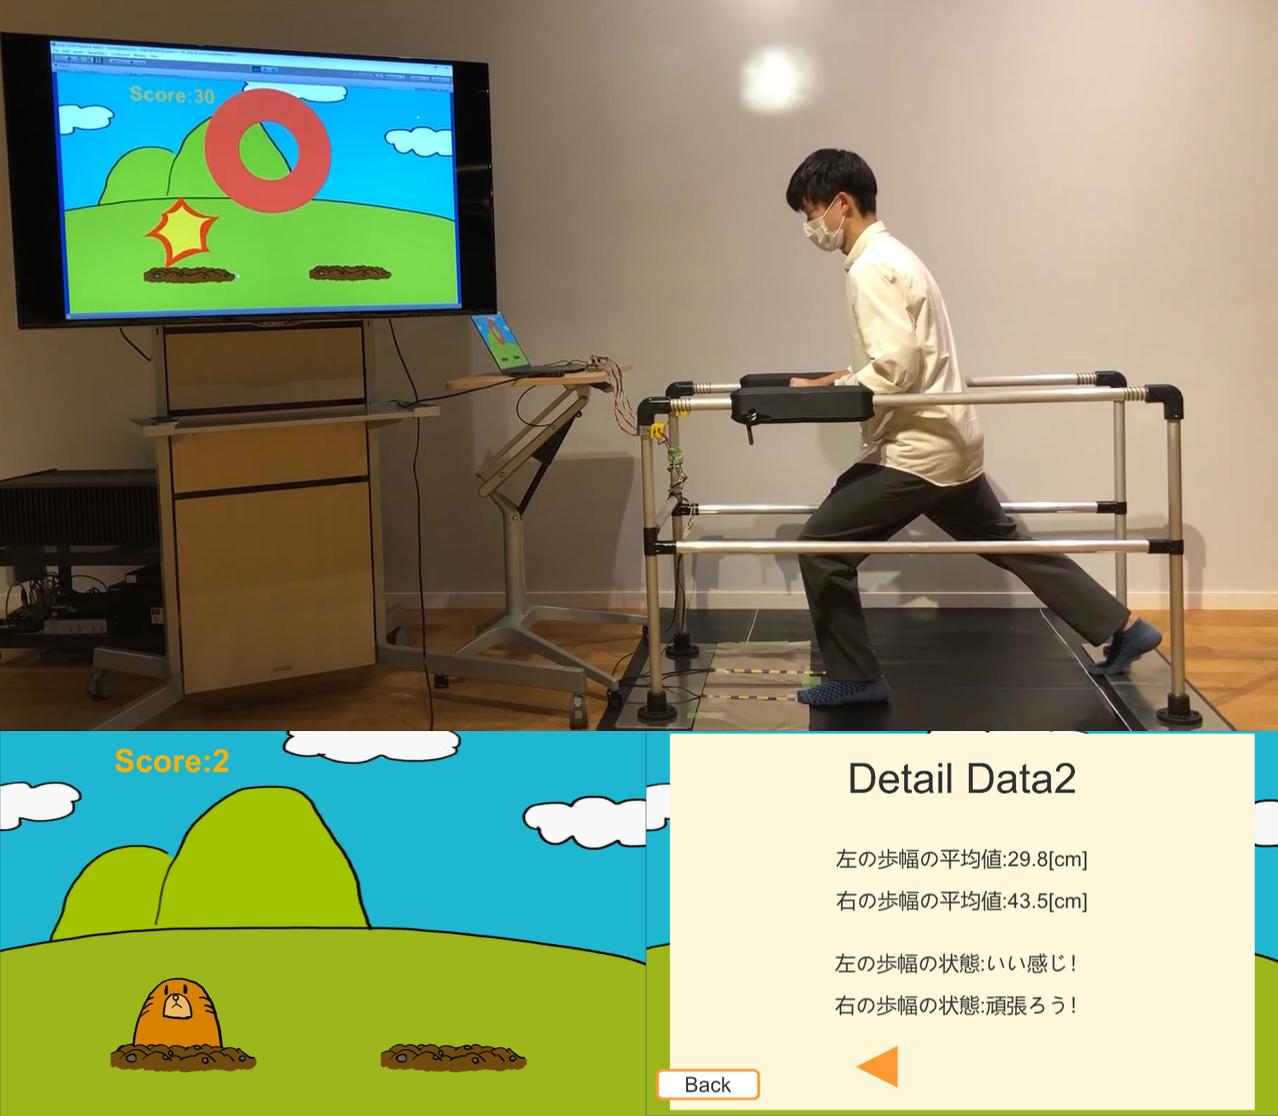 金沢工業大学のクラスター研究室が開発した歩行トレーニング機器が石川県の「第22回バリアフリー社会推進賞」福祉用具部門の最優秀賞を受賞